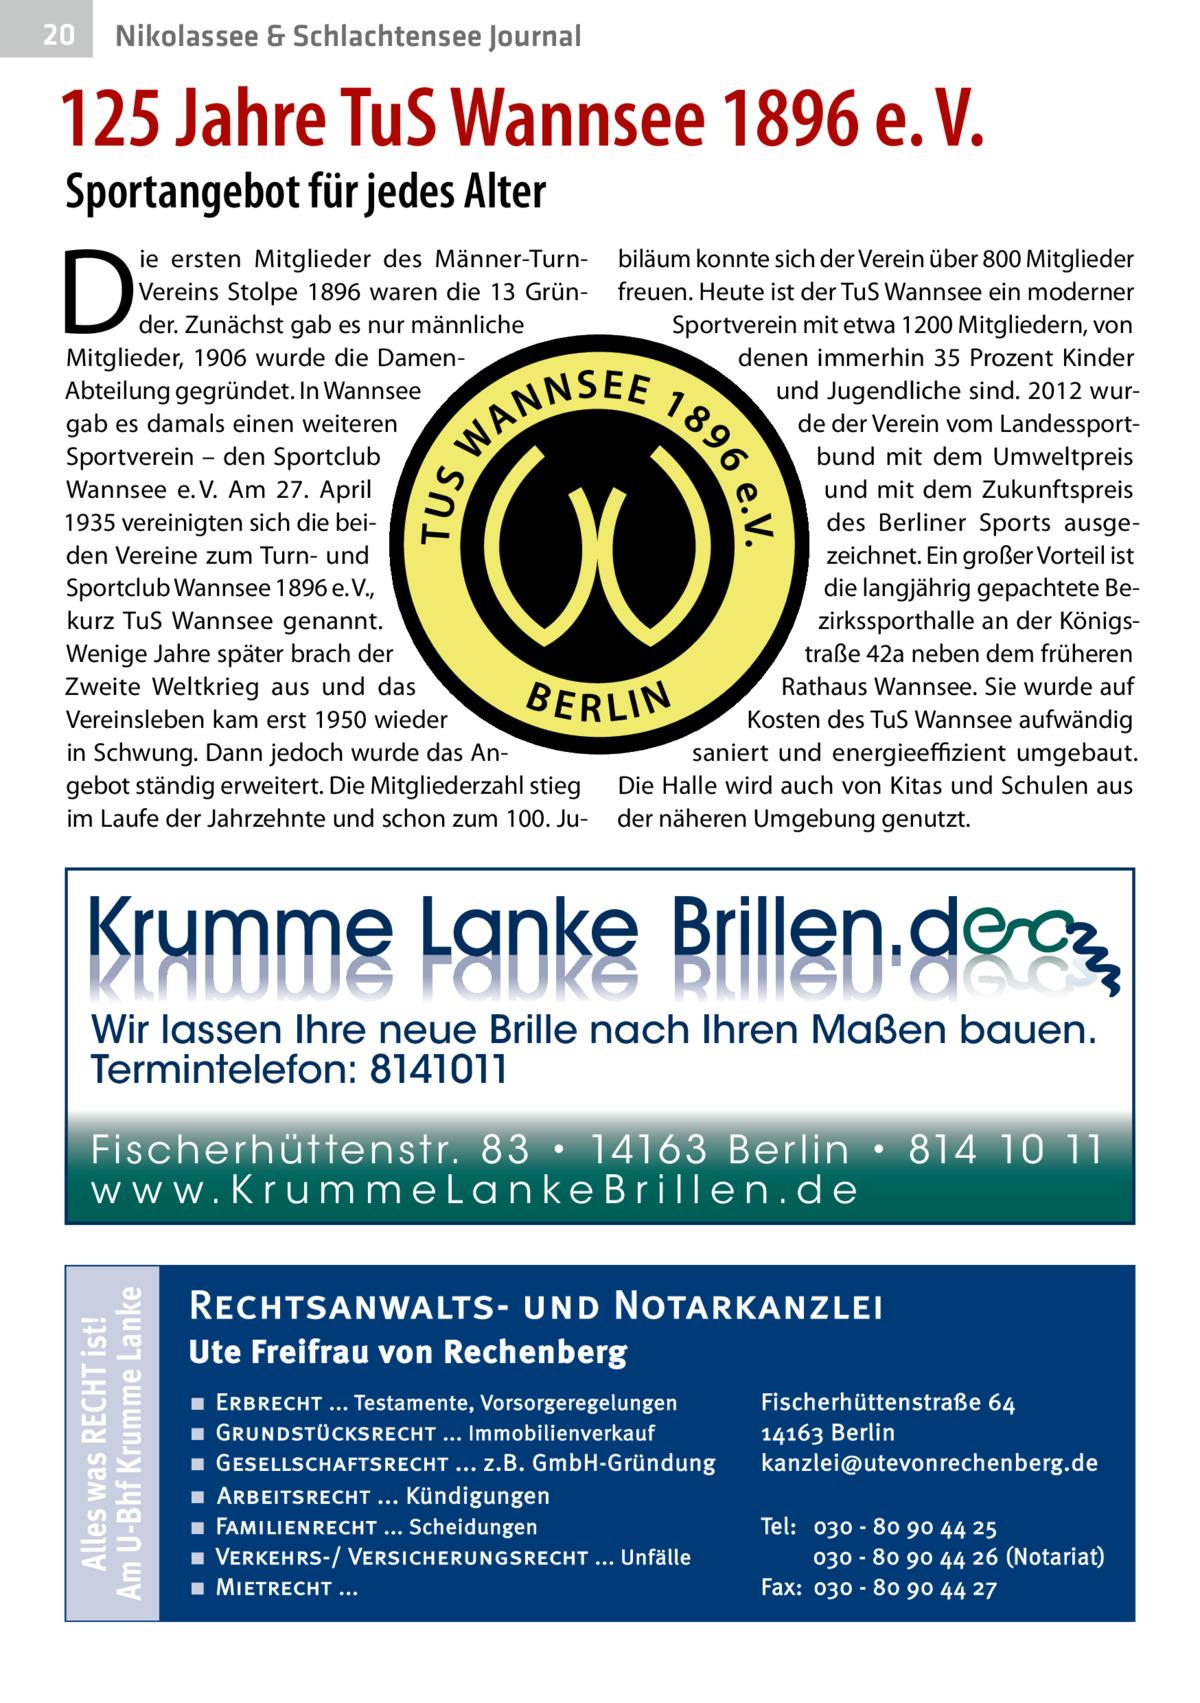 20  Nikolassee & Schlachtensee Journal  125Jahre TuS Wannsee 1896 e.V. Sportangebot für jedes Alter  D  ie ersten Mitglieder des Männer-TurnVereins Stolpe 1896 waren die 13 Gründer. Zunächst gab es nur männliche Mitglieder, 1906 wurde die DamenAbteilung gegründet. In Wannsee gab es damals einen weiteren Sportverein – den Sportclub Wannsee e.V. Am 27. April 1935 vereinigten sich die beiden Vereine zum Turn- und Sportclub Wannsee 1896 e.V., kurz TuS Wannsee genannt. Wenige Jahre später brach der Zweite Weltkrieg aus und das Vereinsleben kam erst 1950 wieder in Schwung. Dann jedoch wurde das Angebot ständig erweitert. Die Mitgliederzahl stieg im Laufe der Jahrzehnte und schon zum 100.Ju biläum konnte sich der Verein über 800Mitglieder freuen. Heute ist der TuS Wannsee ein moderner Sportverein mit etwa 1200Mitgliedern, von denen immerhin 35 Prozent Kinder und Jugendliche sind. 2012 wurde der Verein vom Landessportbund mit dem Umweltpreis und mit dem Zukunftspreis des Berliner Sports ausgezeichnet. Ein großer Vorteil ist die langjährig gepachtete Bezirkssporthalle an der Königstraße42a neben dem früheren Rathaus Wannsee. Sie wurde auf Kosten des TuS Wannsee aufwändig saniert und energieeffizient umgebaut. Die Halle wird auch von Kitas und Schulen aus der näheren Umgebung genutzt.  Wir lassen Ihre neue Brille nach Ihren Maßen bauen. Termintelefon: 8141011  Alles was RECHT ist! Am U-Bhf Krumme Lanke  Fi sc h e r h ü t te n s t r. 8 3 • 1416 3 B e r l i n • 814 10 11 w w w.K r u m m e La n ke B r i l l e n.d e  Rechtsanwalts- und Notarkanzlei Ute Freifrau von Rechenberg ■ ■ ■ ■ ■ ■ ■  Erbrecht ... Testamente, Vorsorgeregelungen Grundstücksrecht ... Immobilienverkauf Gesellschaftsrecht ... z.B. GmbH-Gründung Arbeitsrecht ... Kündigungen Familienrecht ... Scheidungen Verkehrs-/ Versicherungsrecht ... Unfälle Mietrecht ...  Fischerhüttenstraße 64 14163 Berlin kanzlei@utevonrechenberg.de Tel: 030 - 80 90 44 25 030 - 80 90 44 26 (Notariat) Fax: 030 - 80 90 44 27